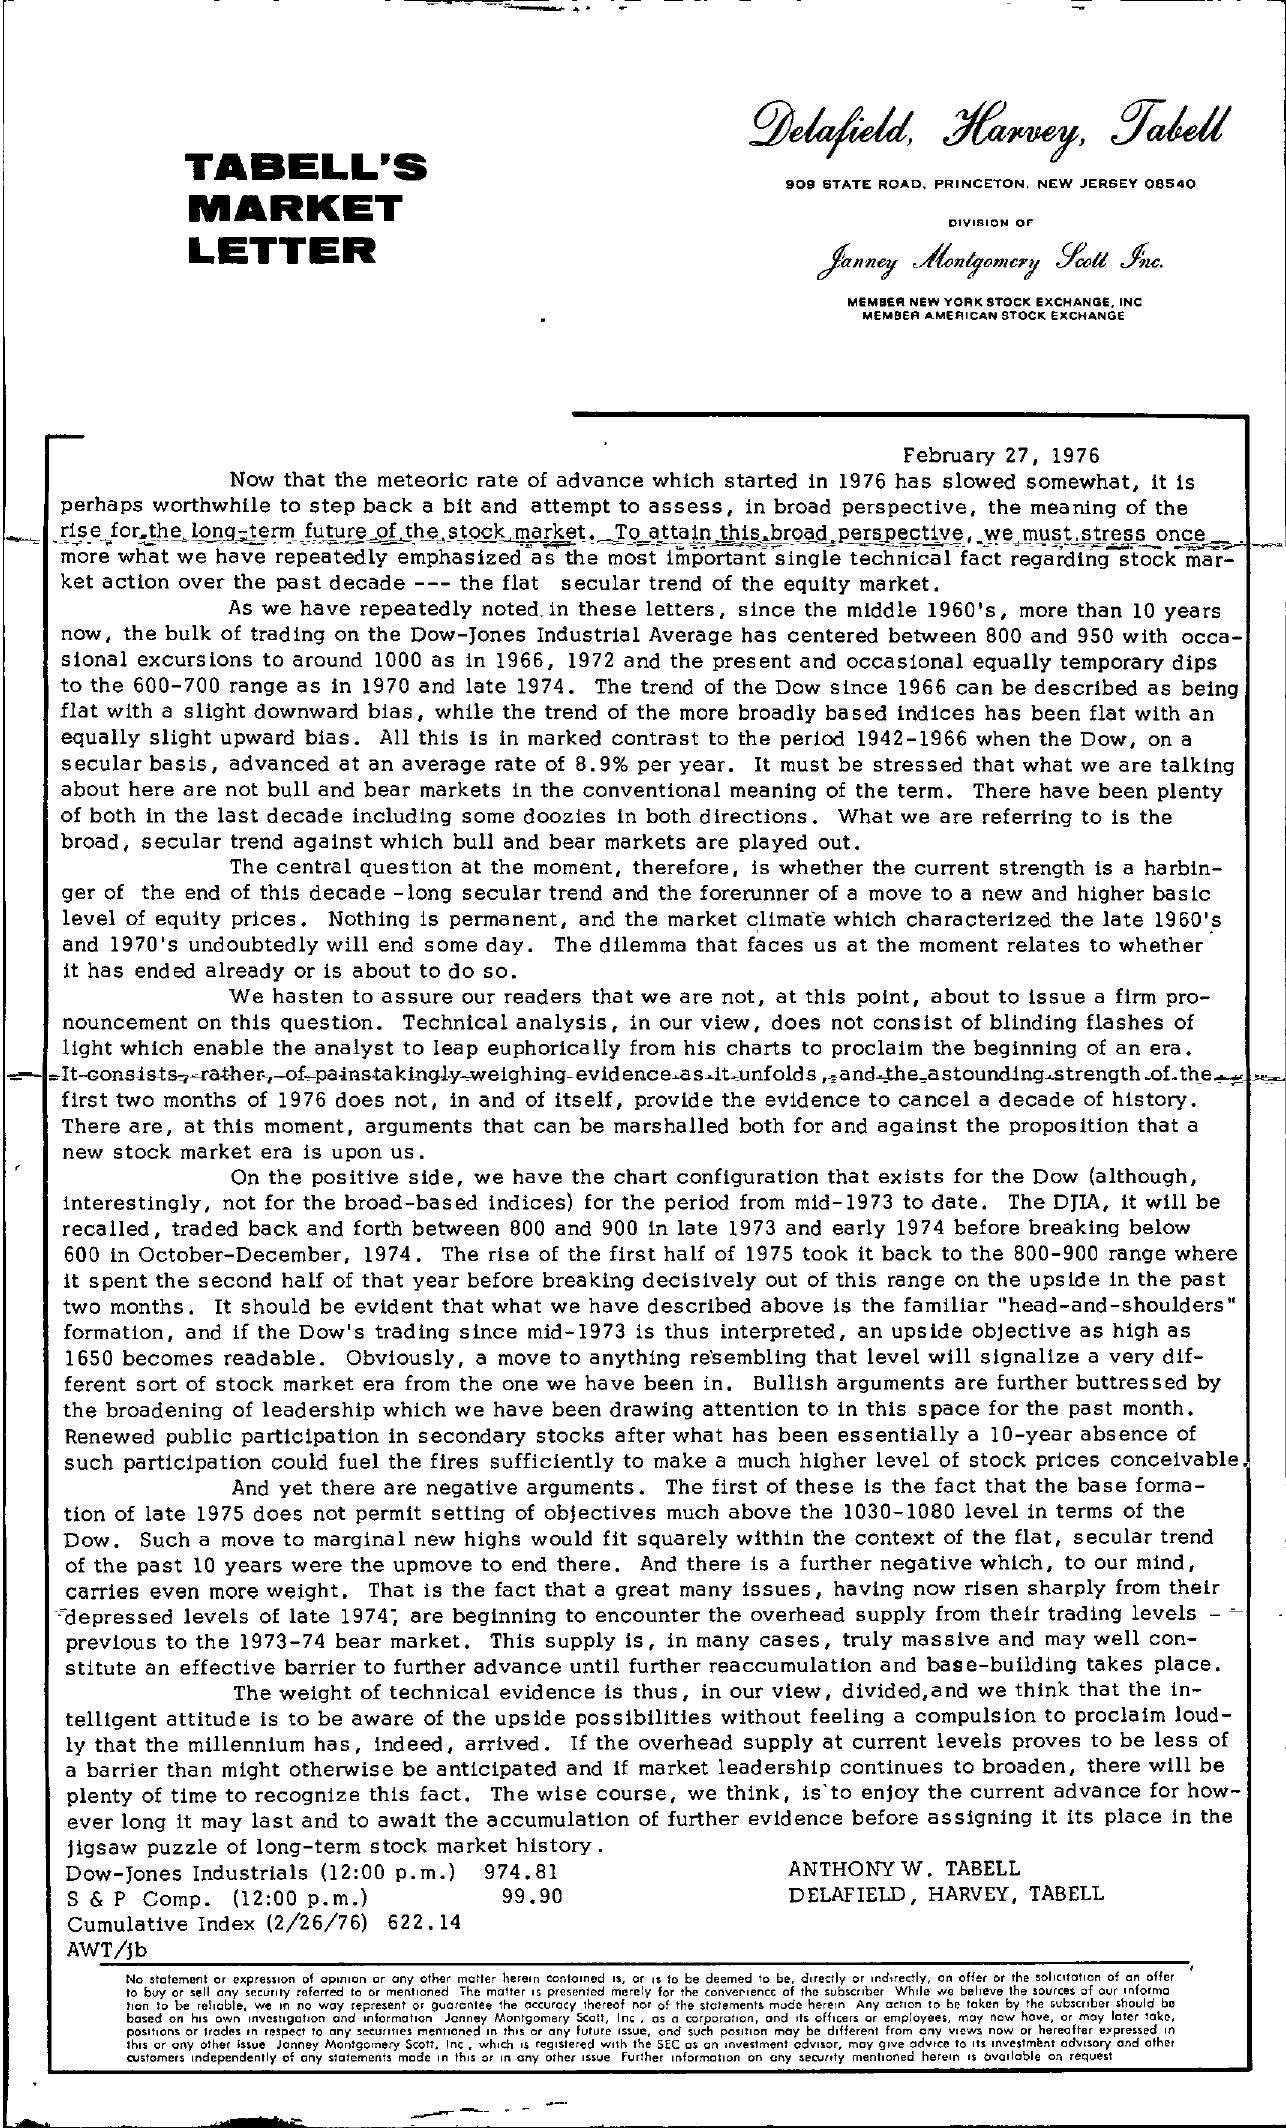 Tabell's Market Letter - February 27, 1976